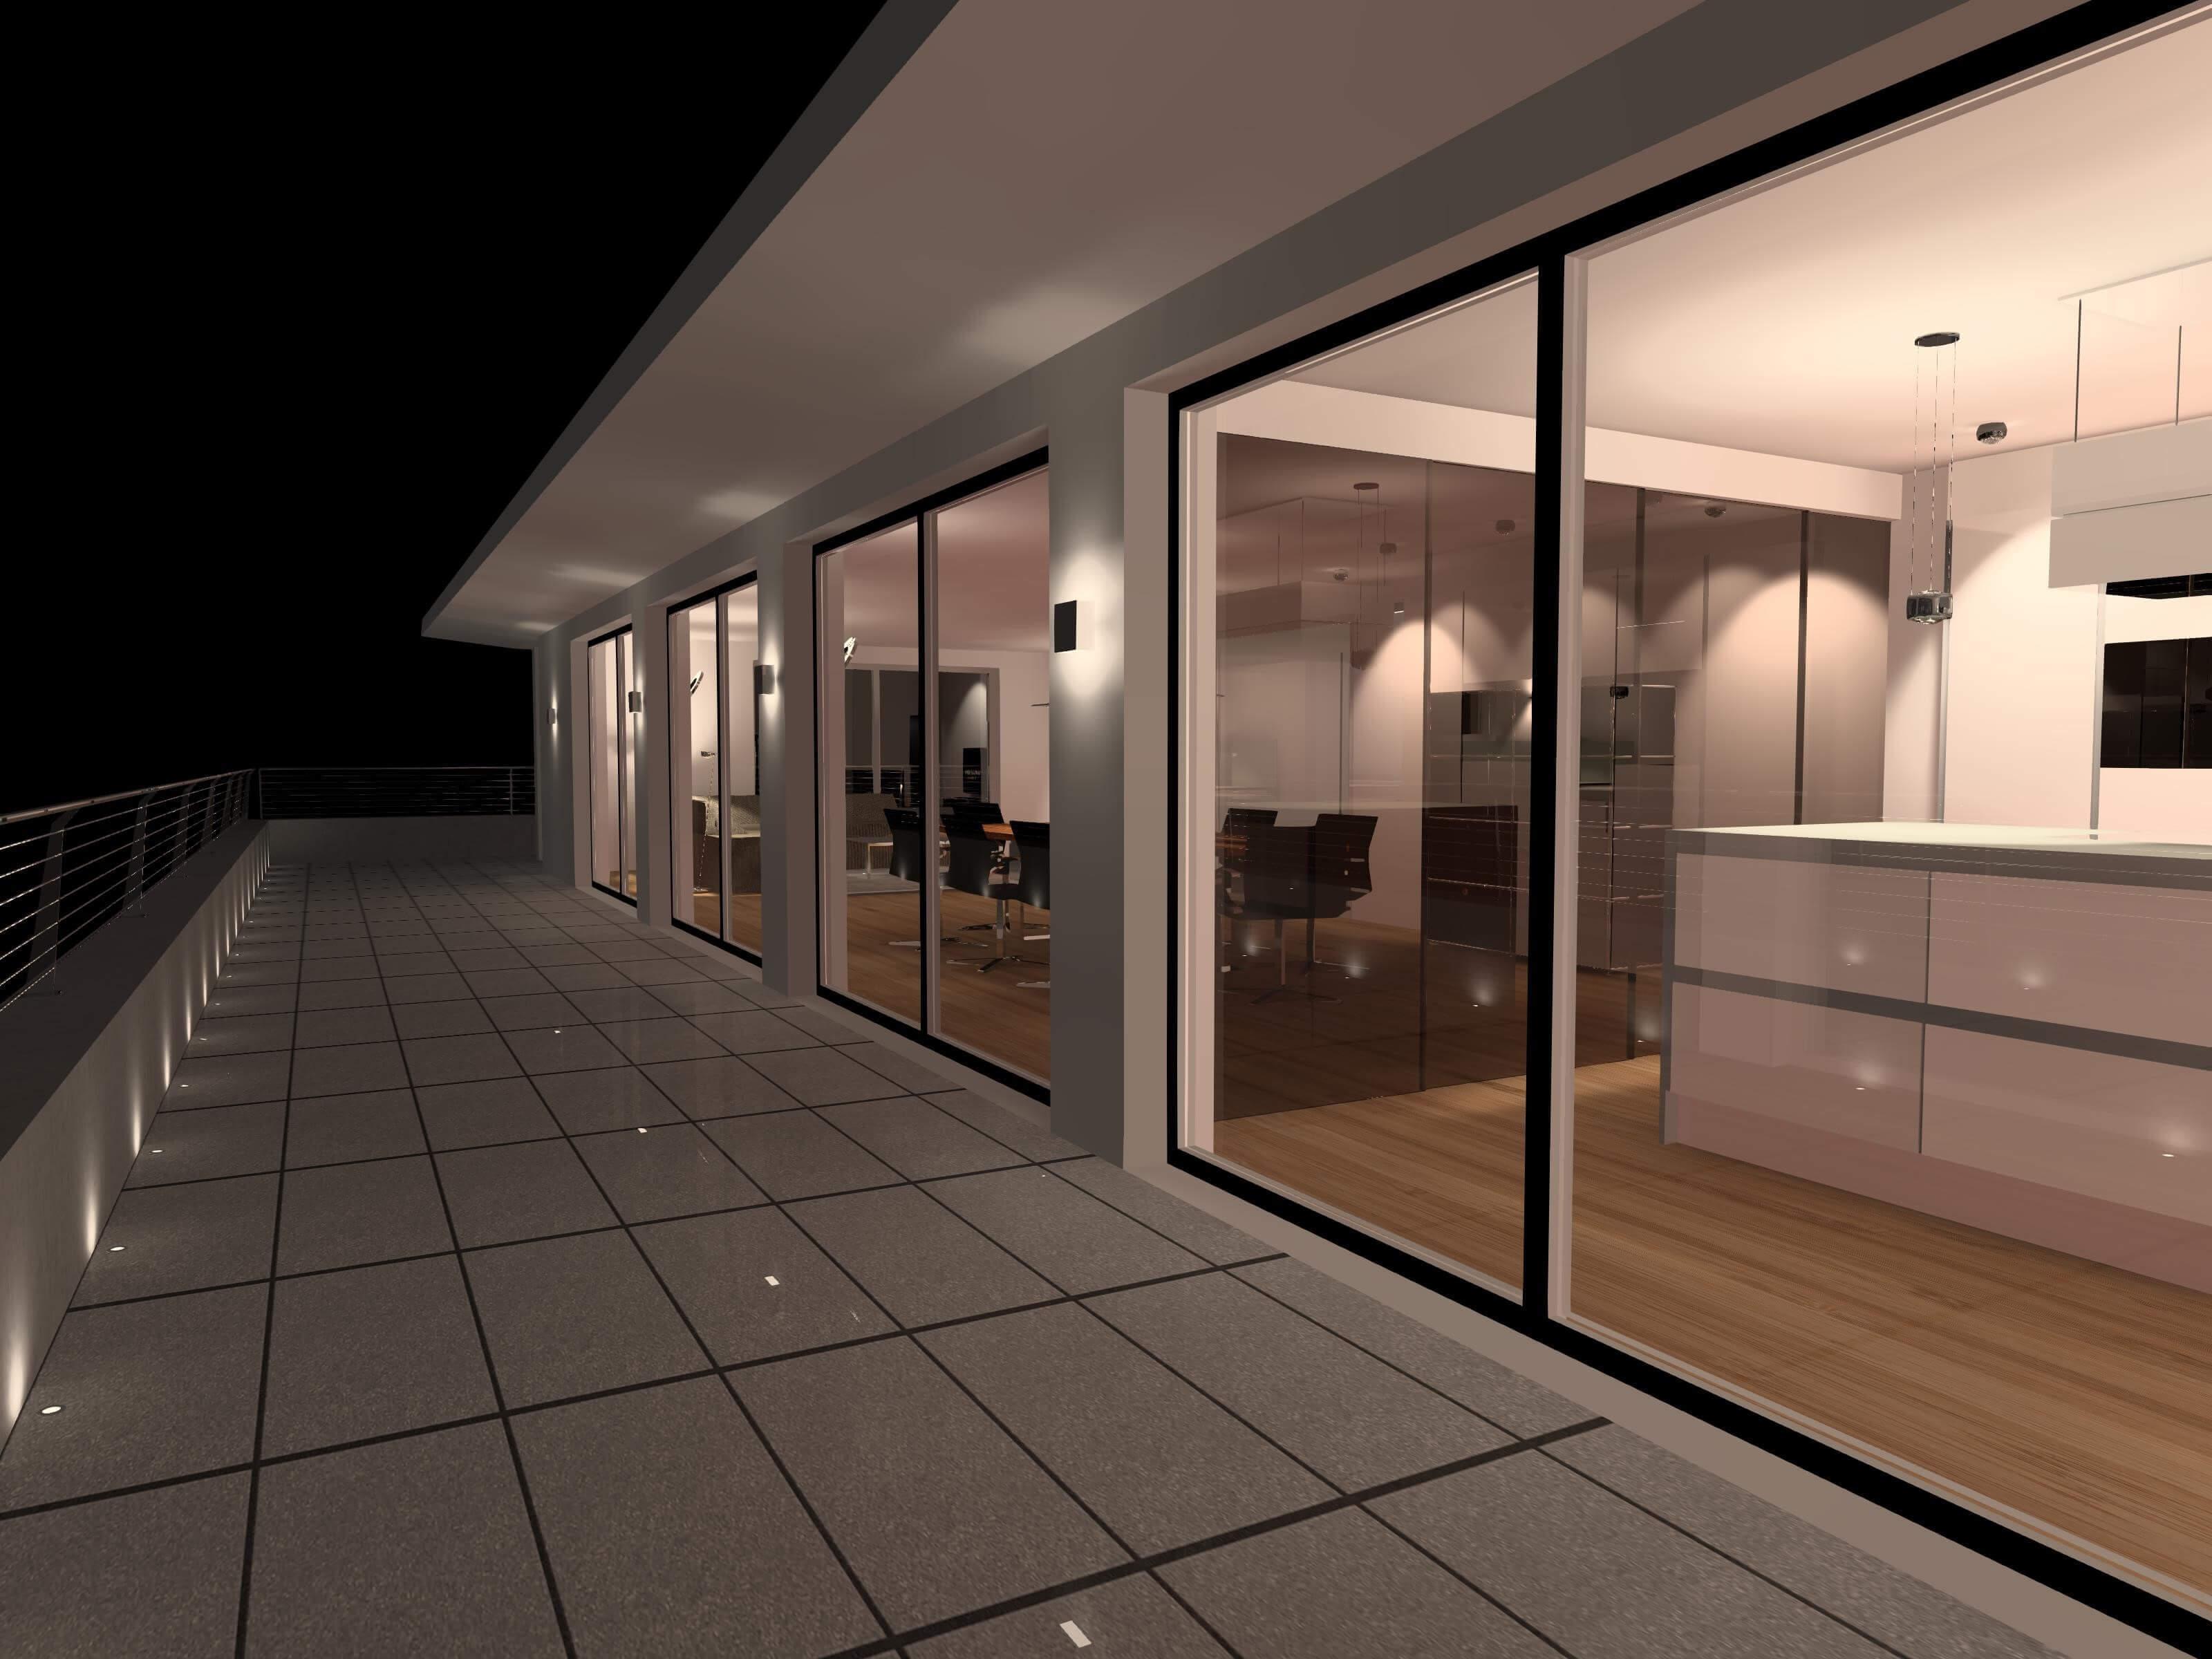 Lichtplanung | Visualisierung Beleuchtung im Außenbereich | Leuchten Lukassen